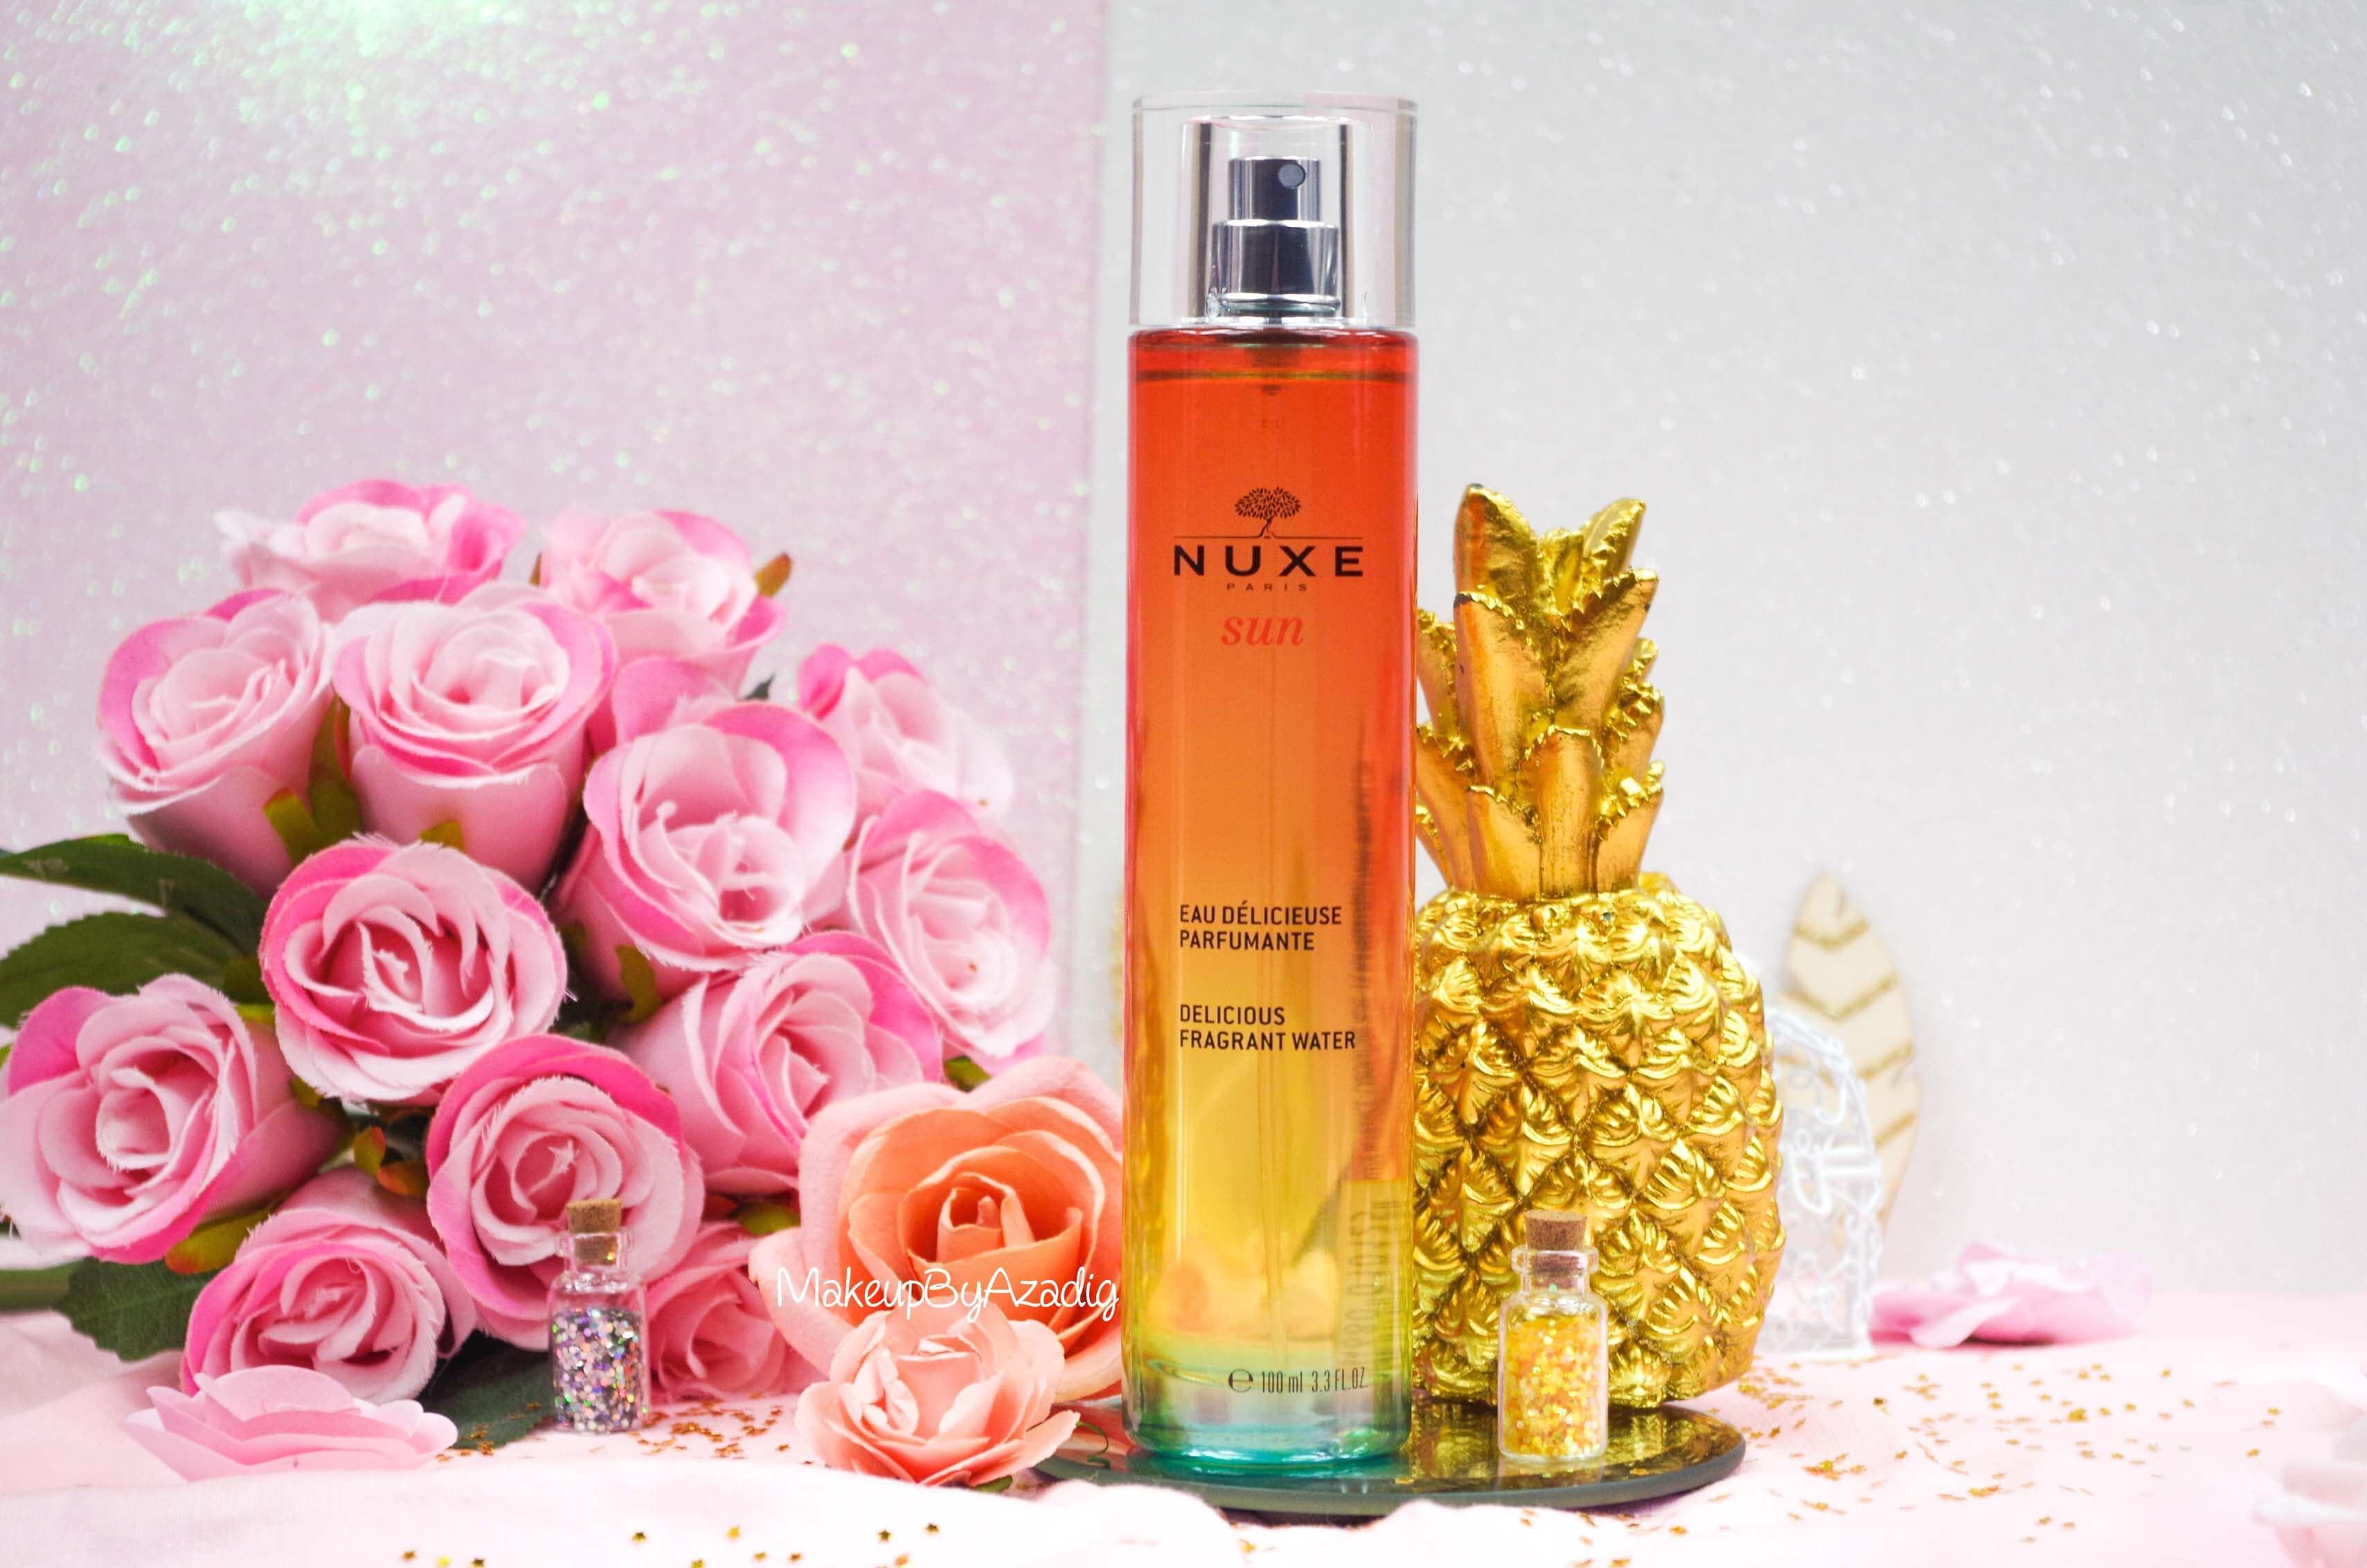 revue-review-eau-delicieuse-parfumante-nuxe-sun-paris-blog-makeupbyazadig-monoi-soleil-parapharmacie-summer